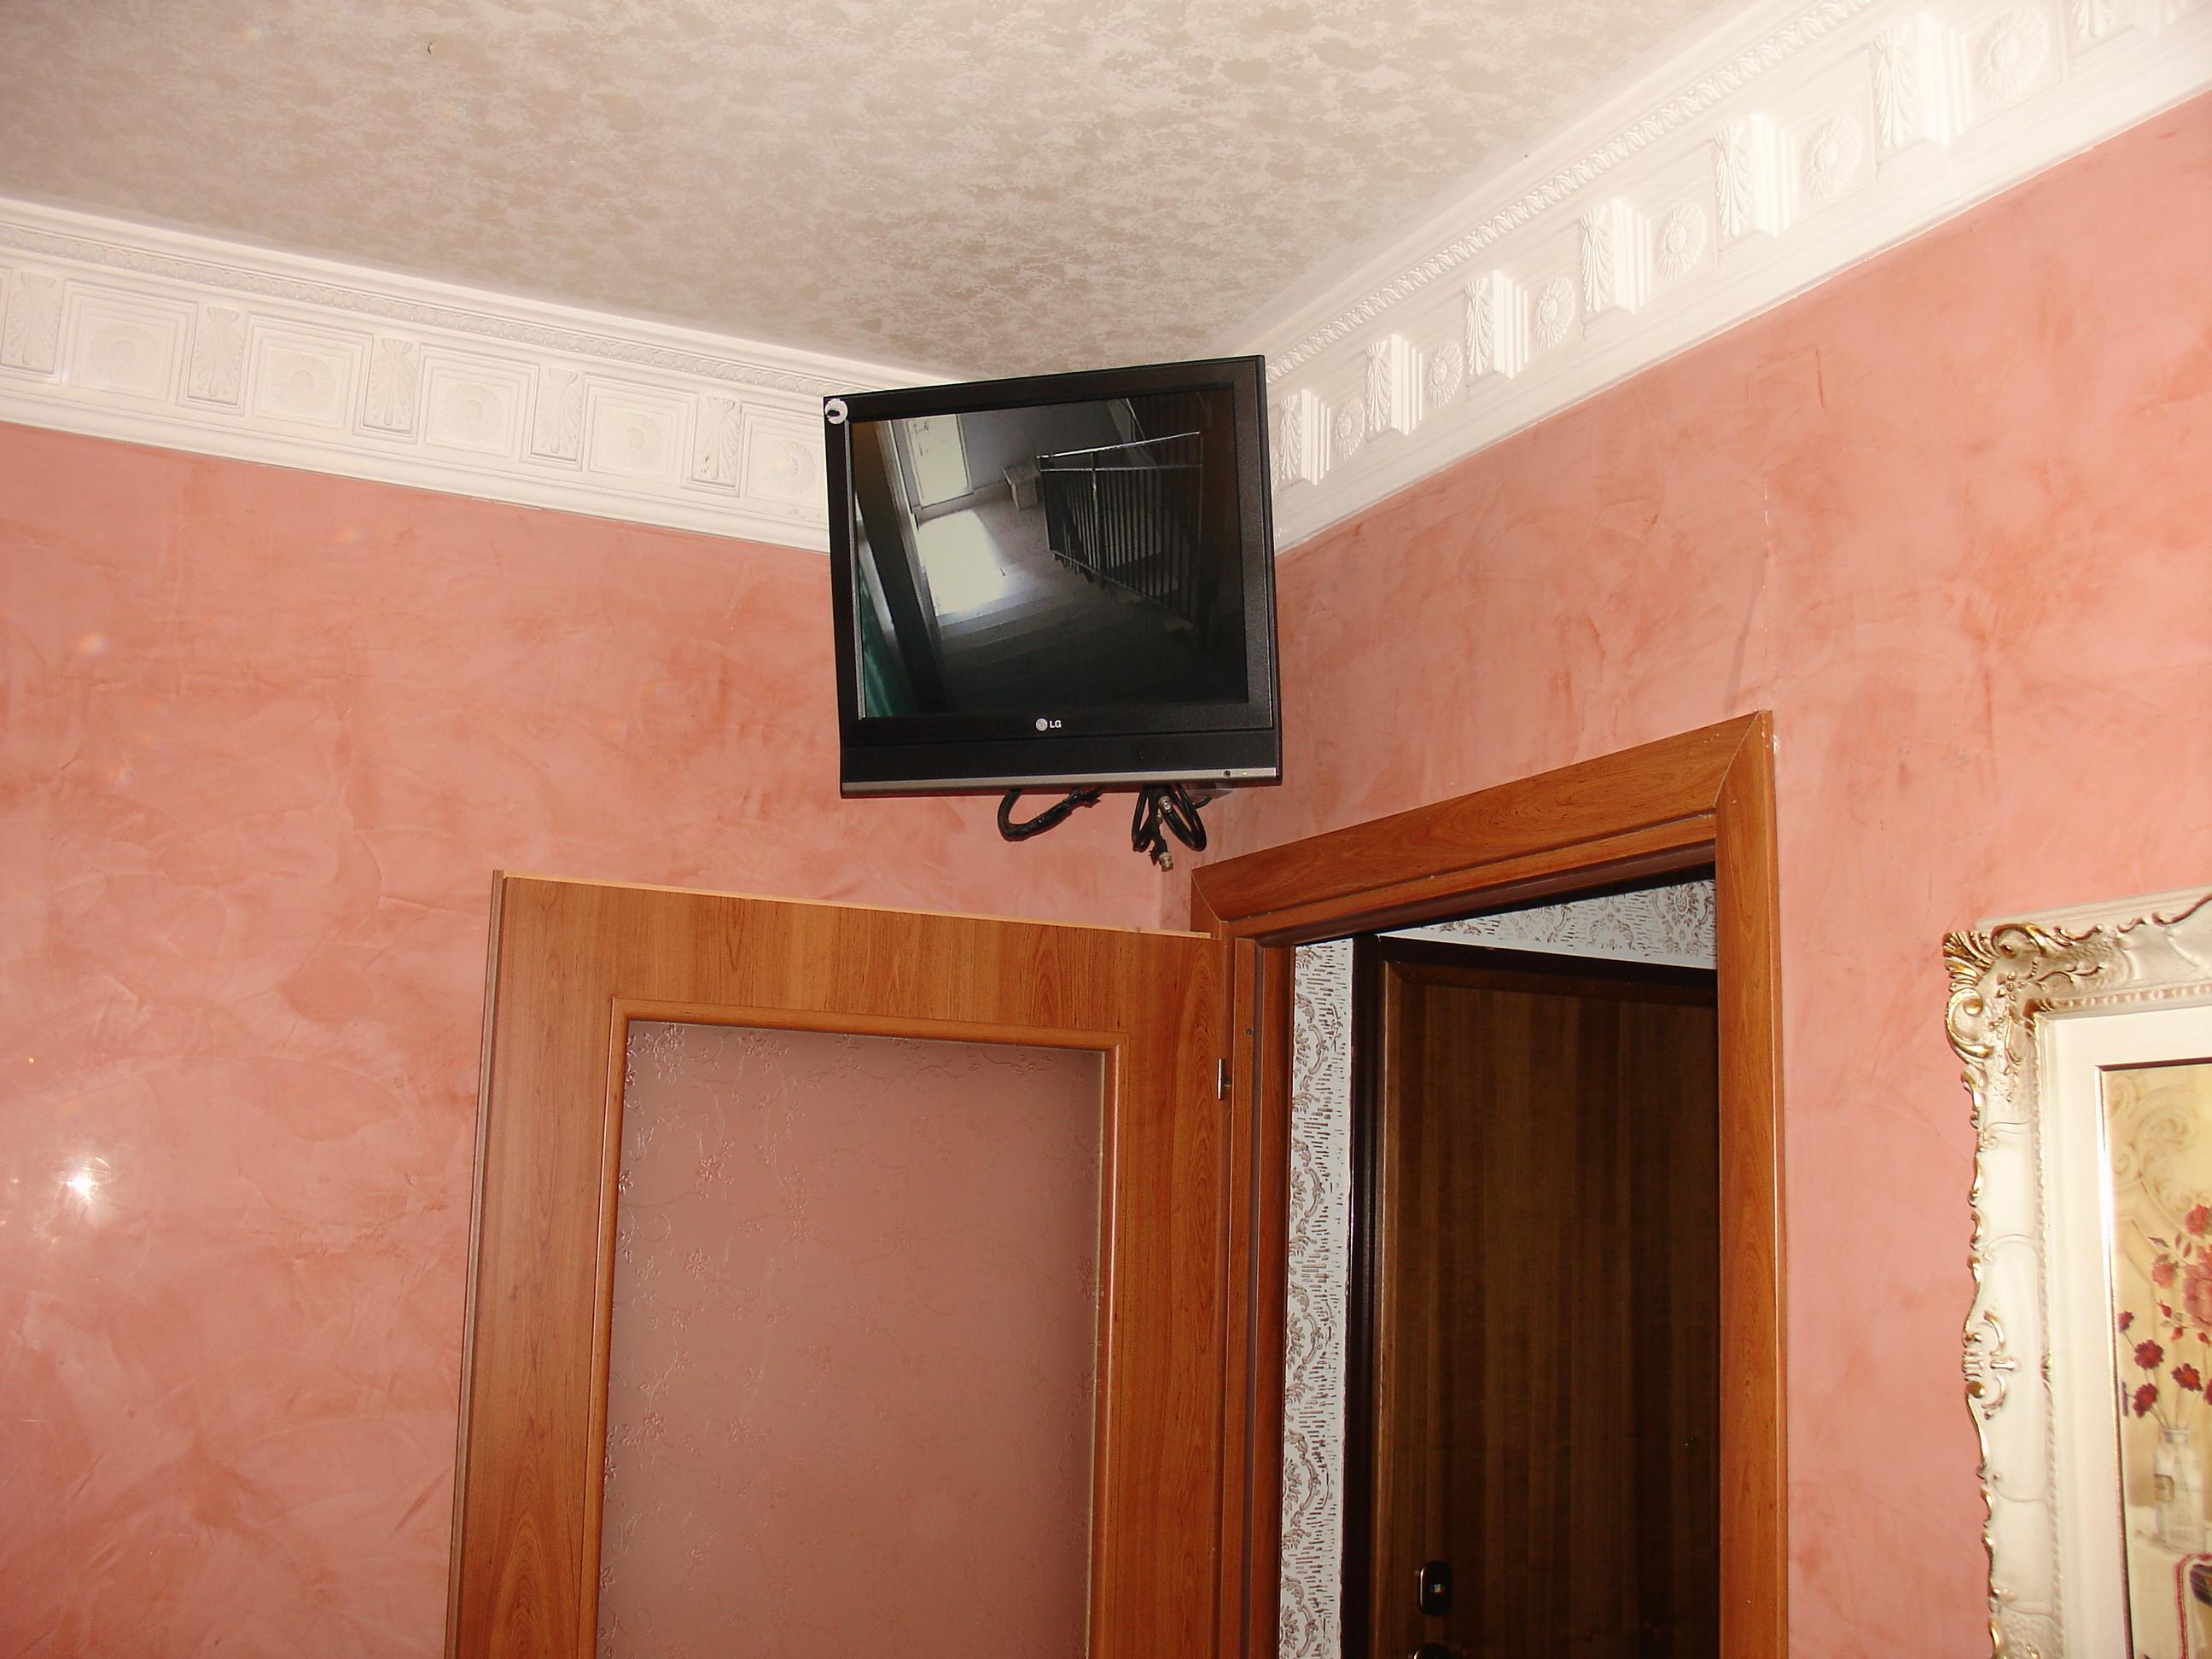 spaccio-videosorveglianza-1374617823641